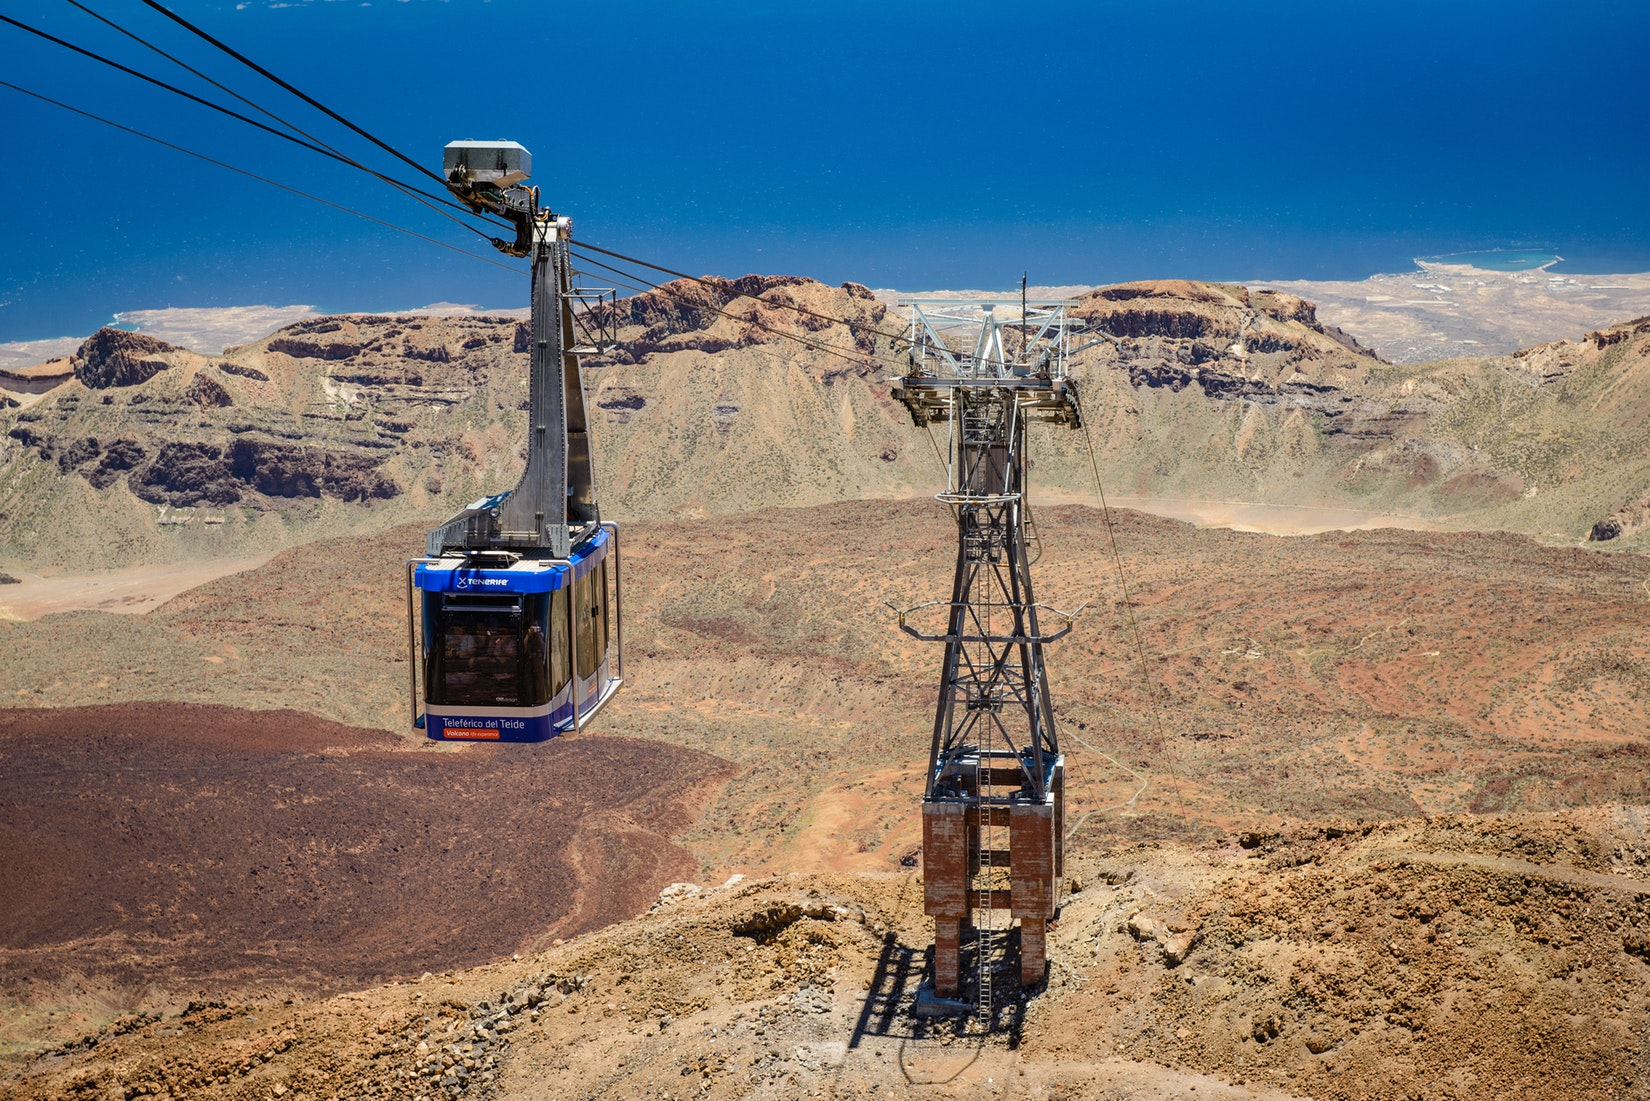 Tenerife-Connect Teide kabelbaan trip uitstap daguitstap excursie